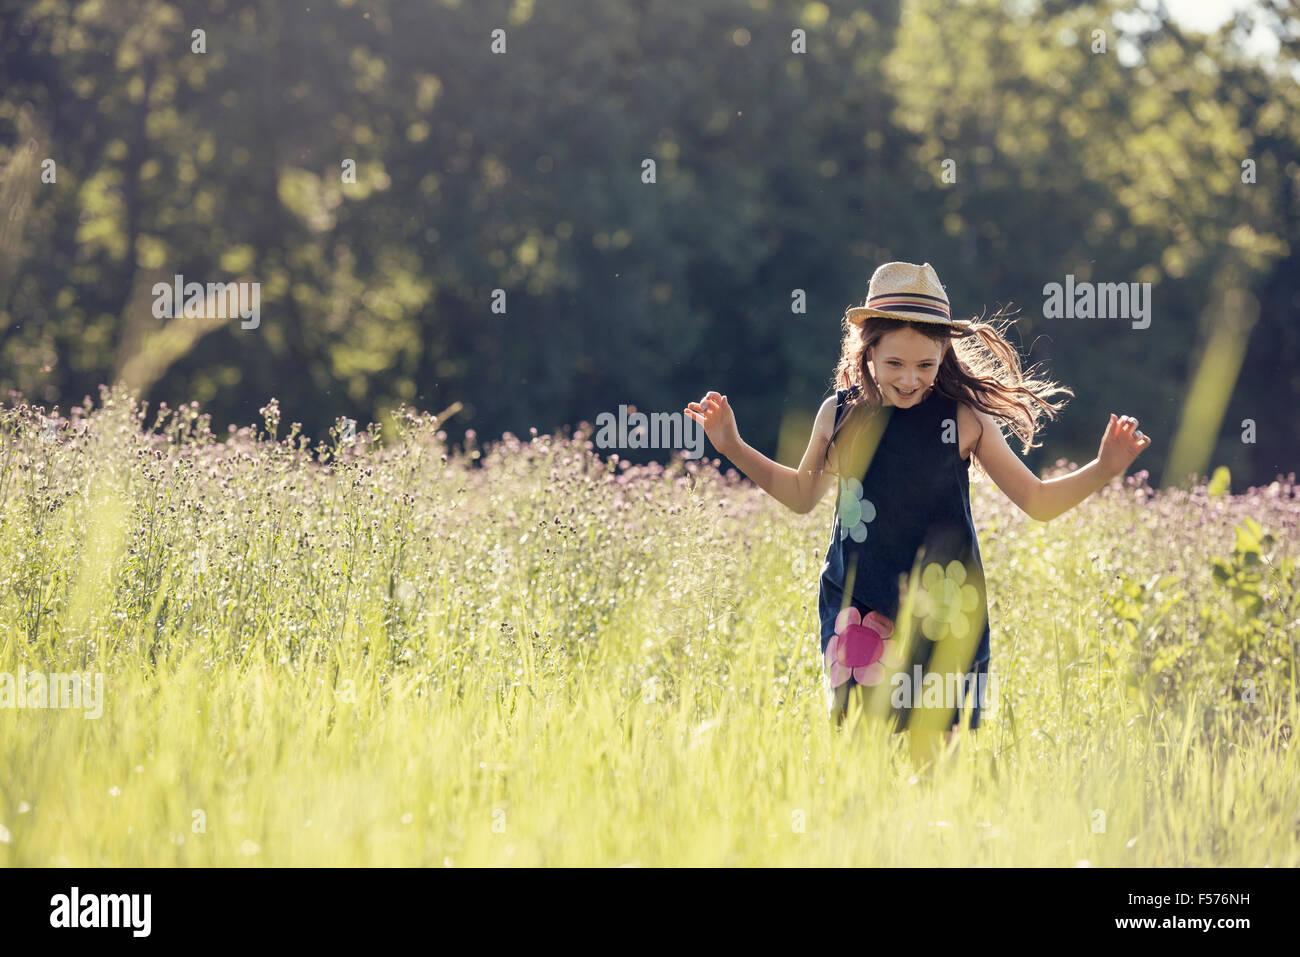 Un enfant, une jeune fille en chapeau de paille dans un pré de fleurs sauvages en été. Photo Stock